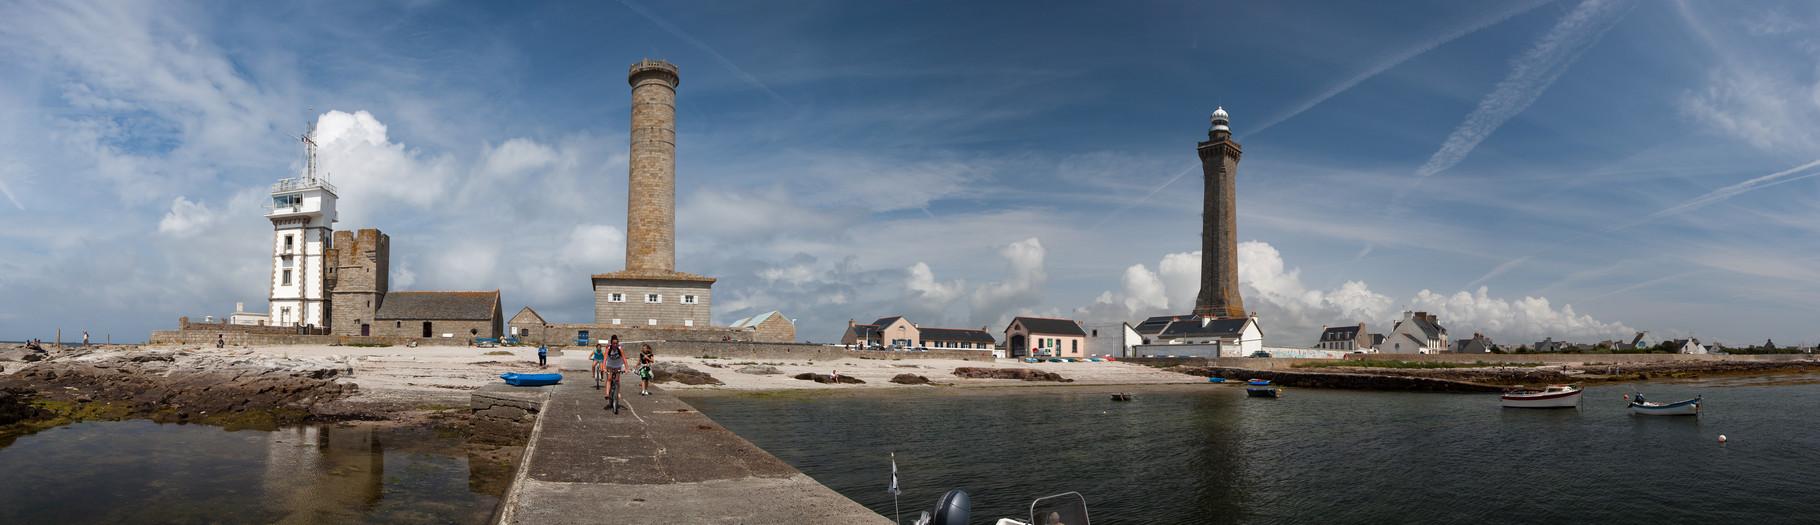 Phare Eckmuhl - Bretagne